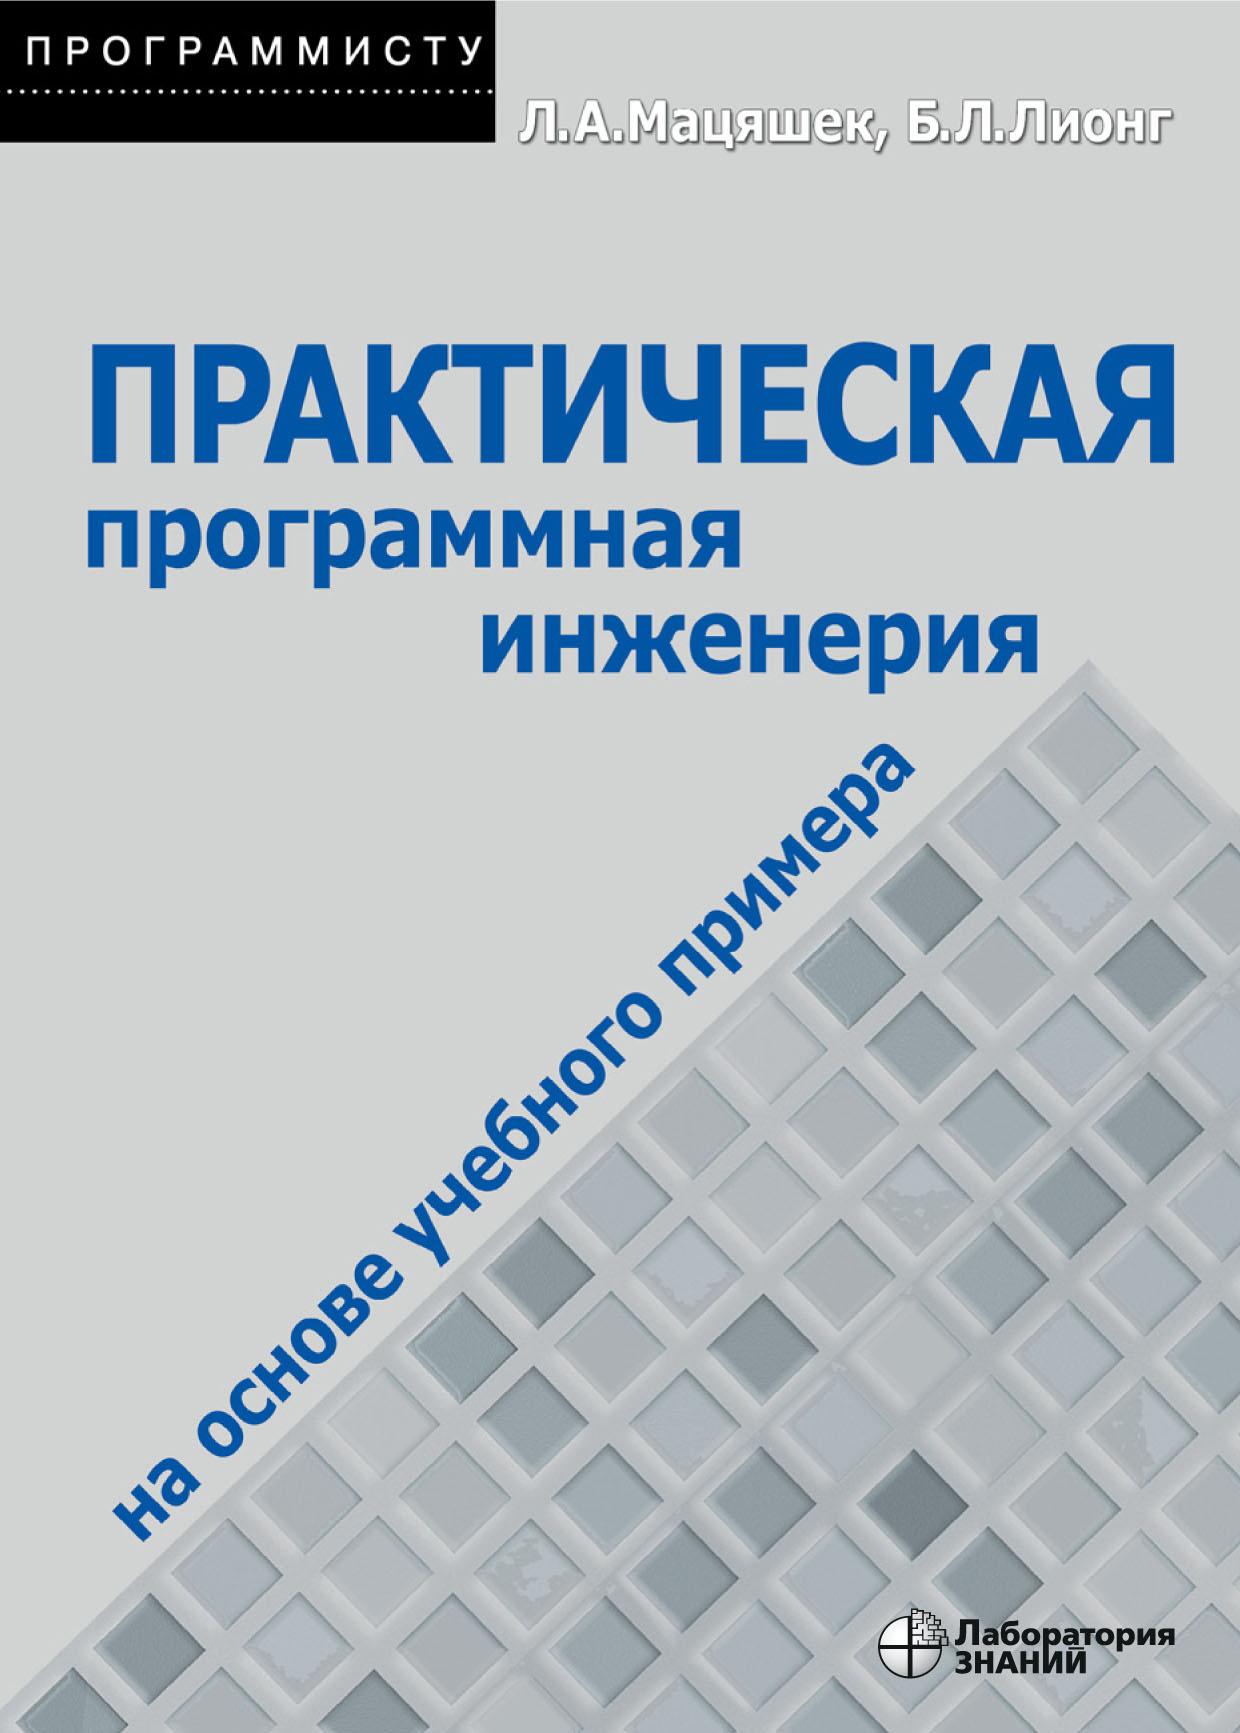 Лешек А. Мацяшек Практическая программная инженерия на основе учебного примера м а глазова системы оценки стоимости проектов по разработке программного обеспечения